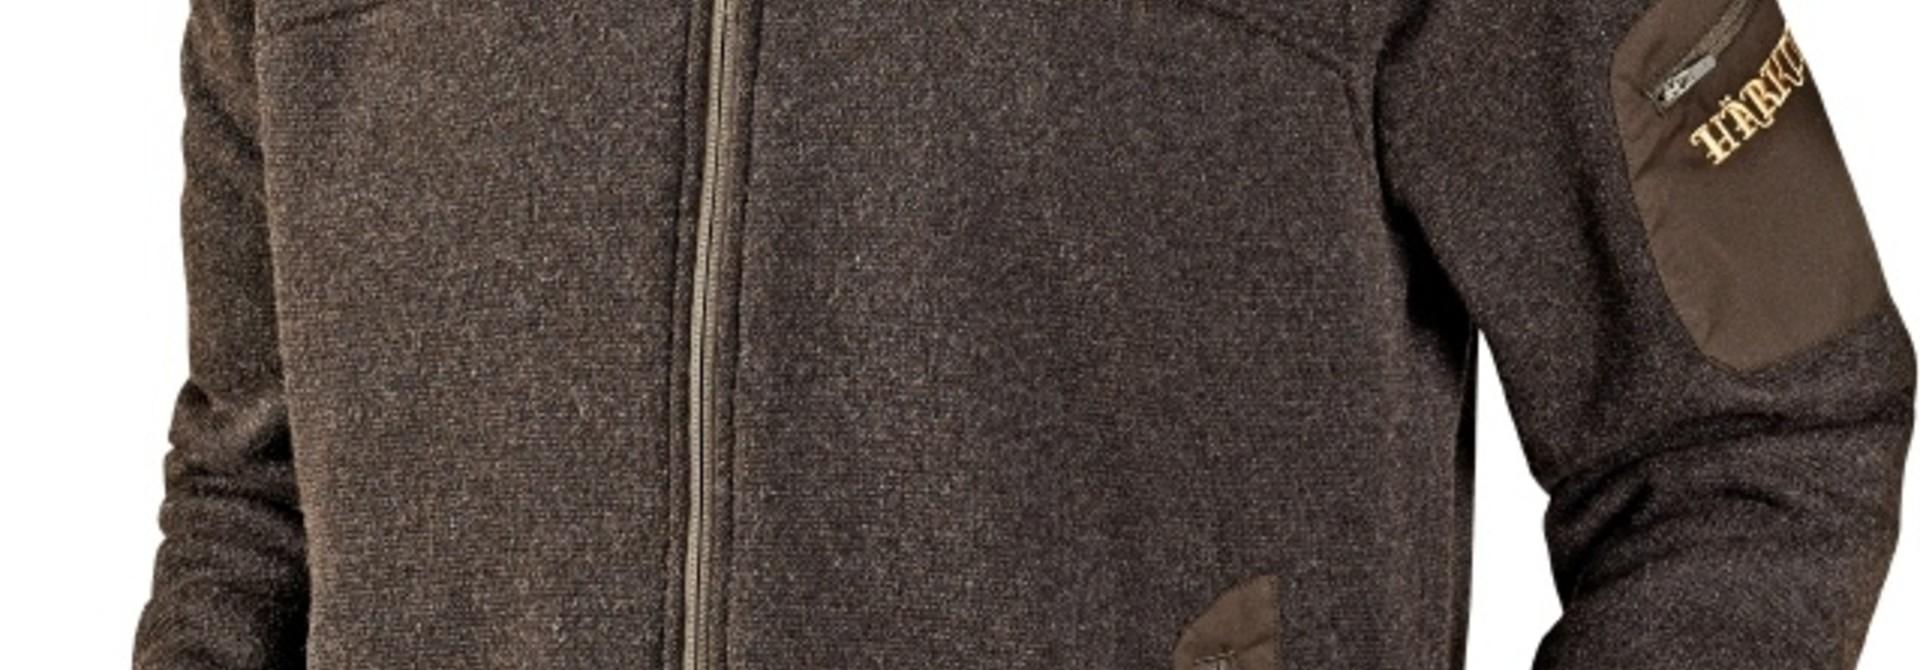 Härkila Norja cardigan Shadow Brown Melange